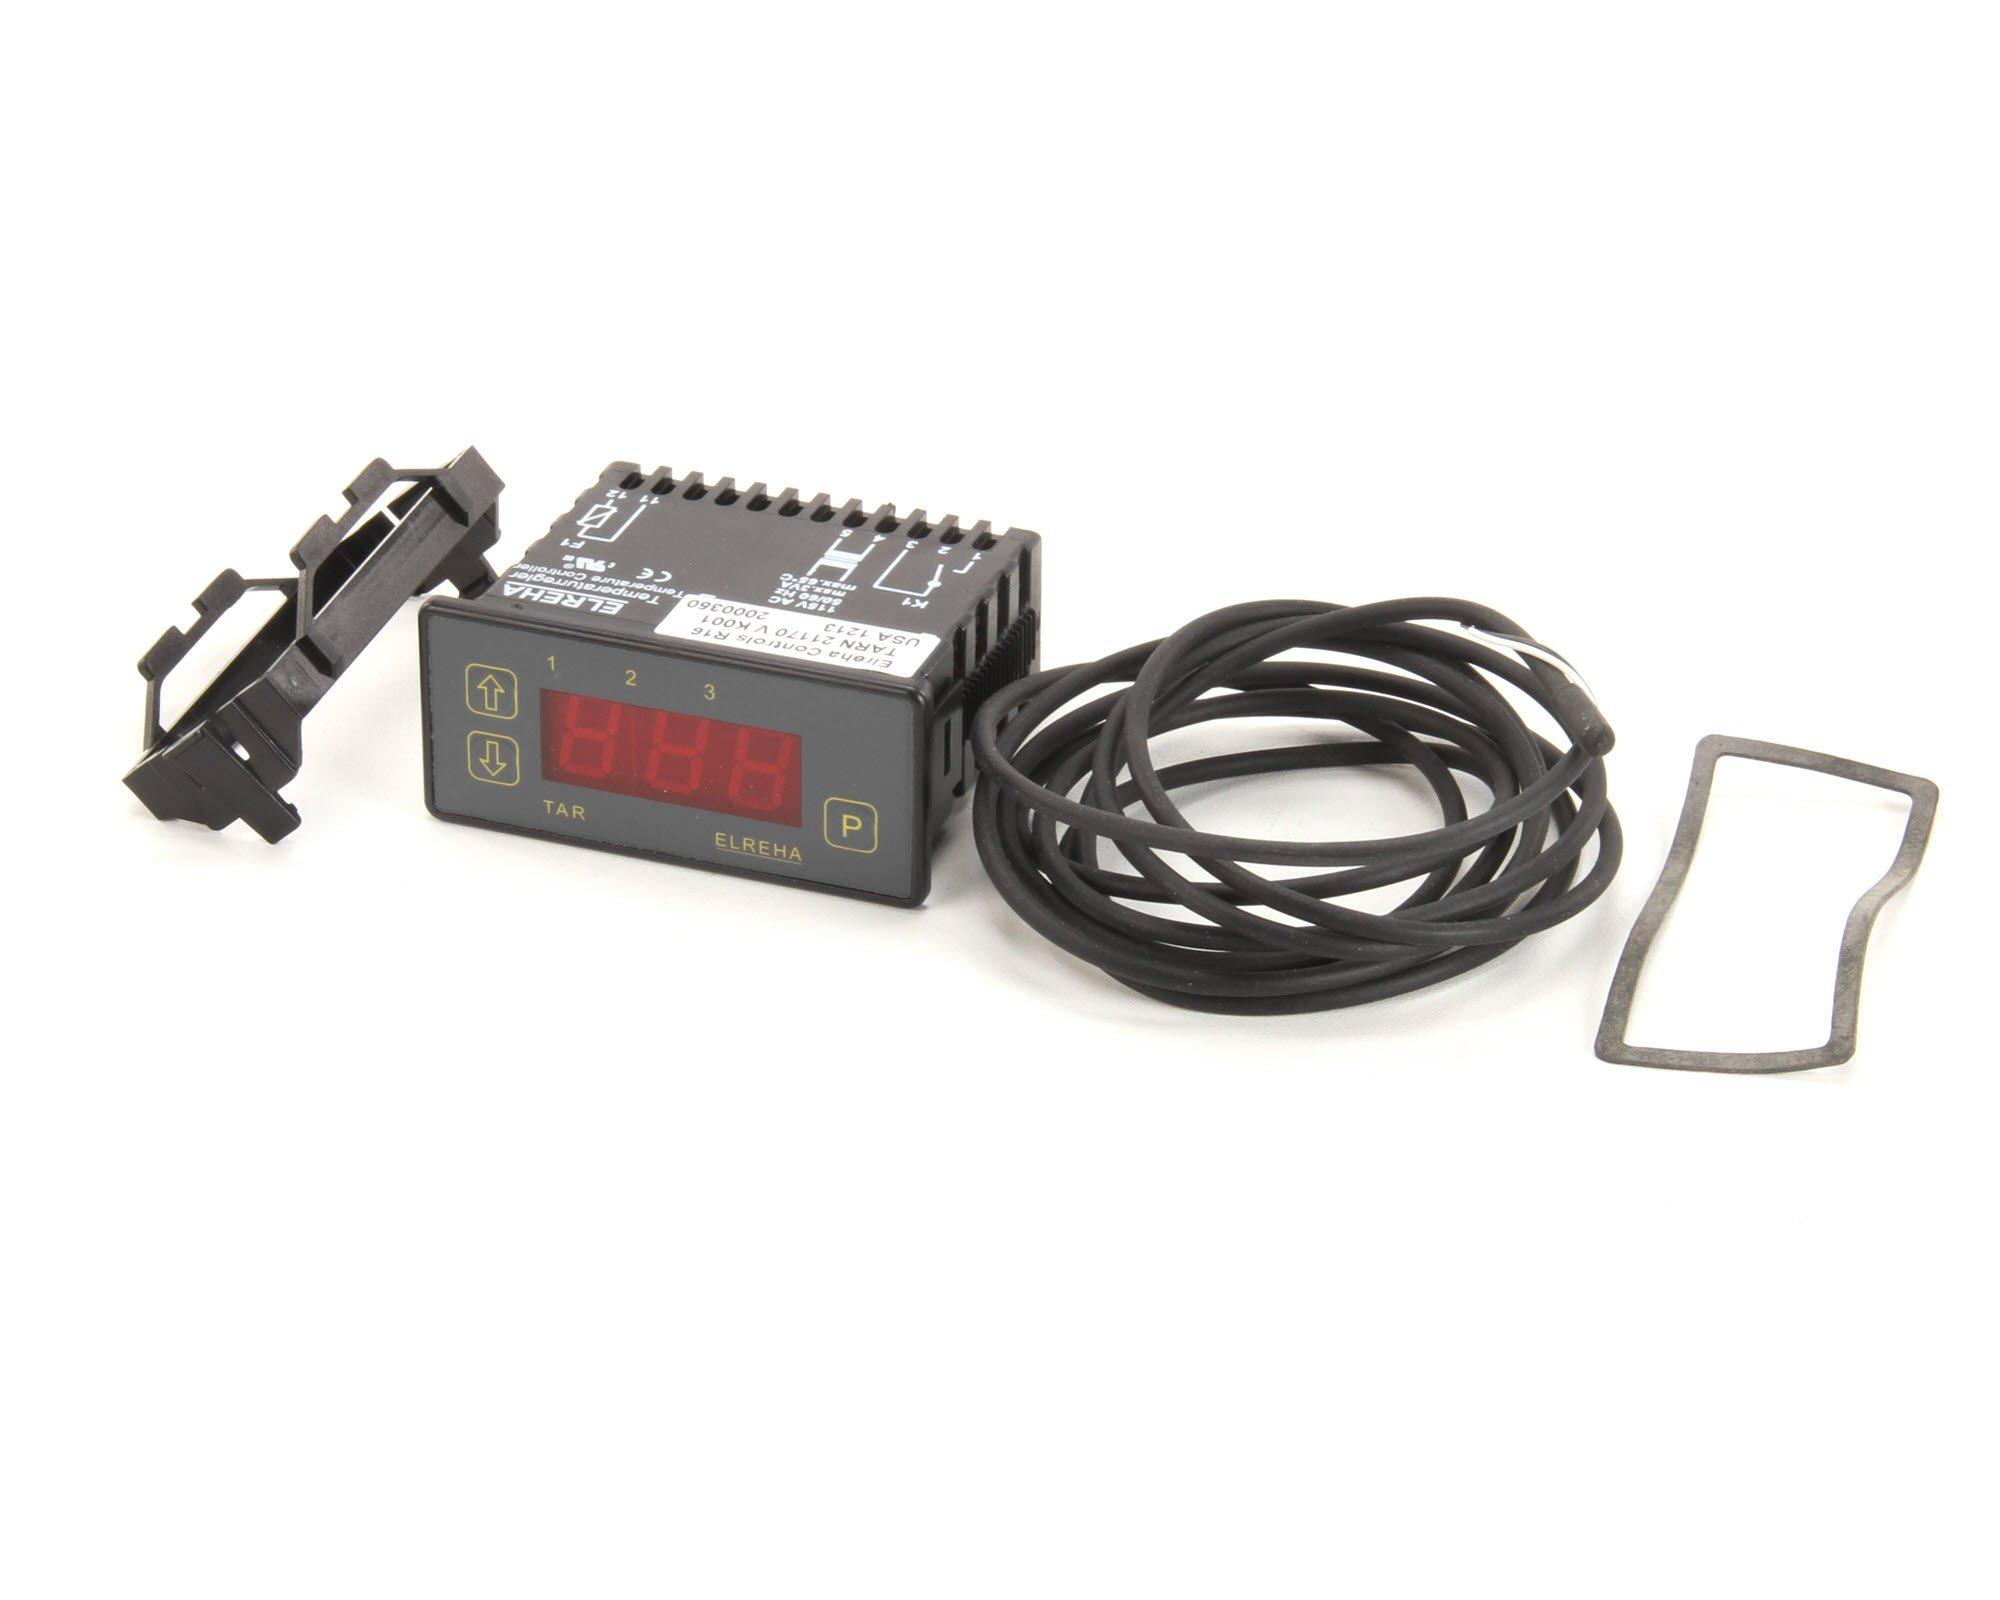 Duke 216837 Digital Thermostat, 120V